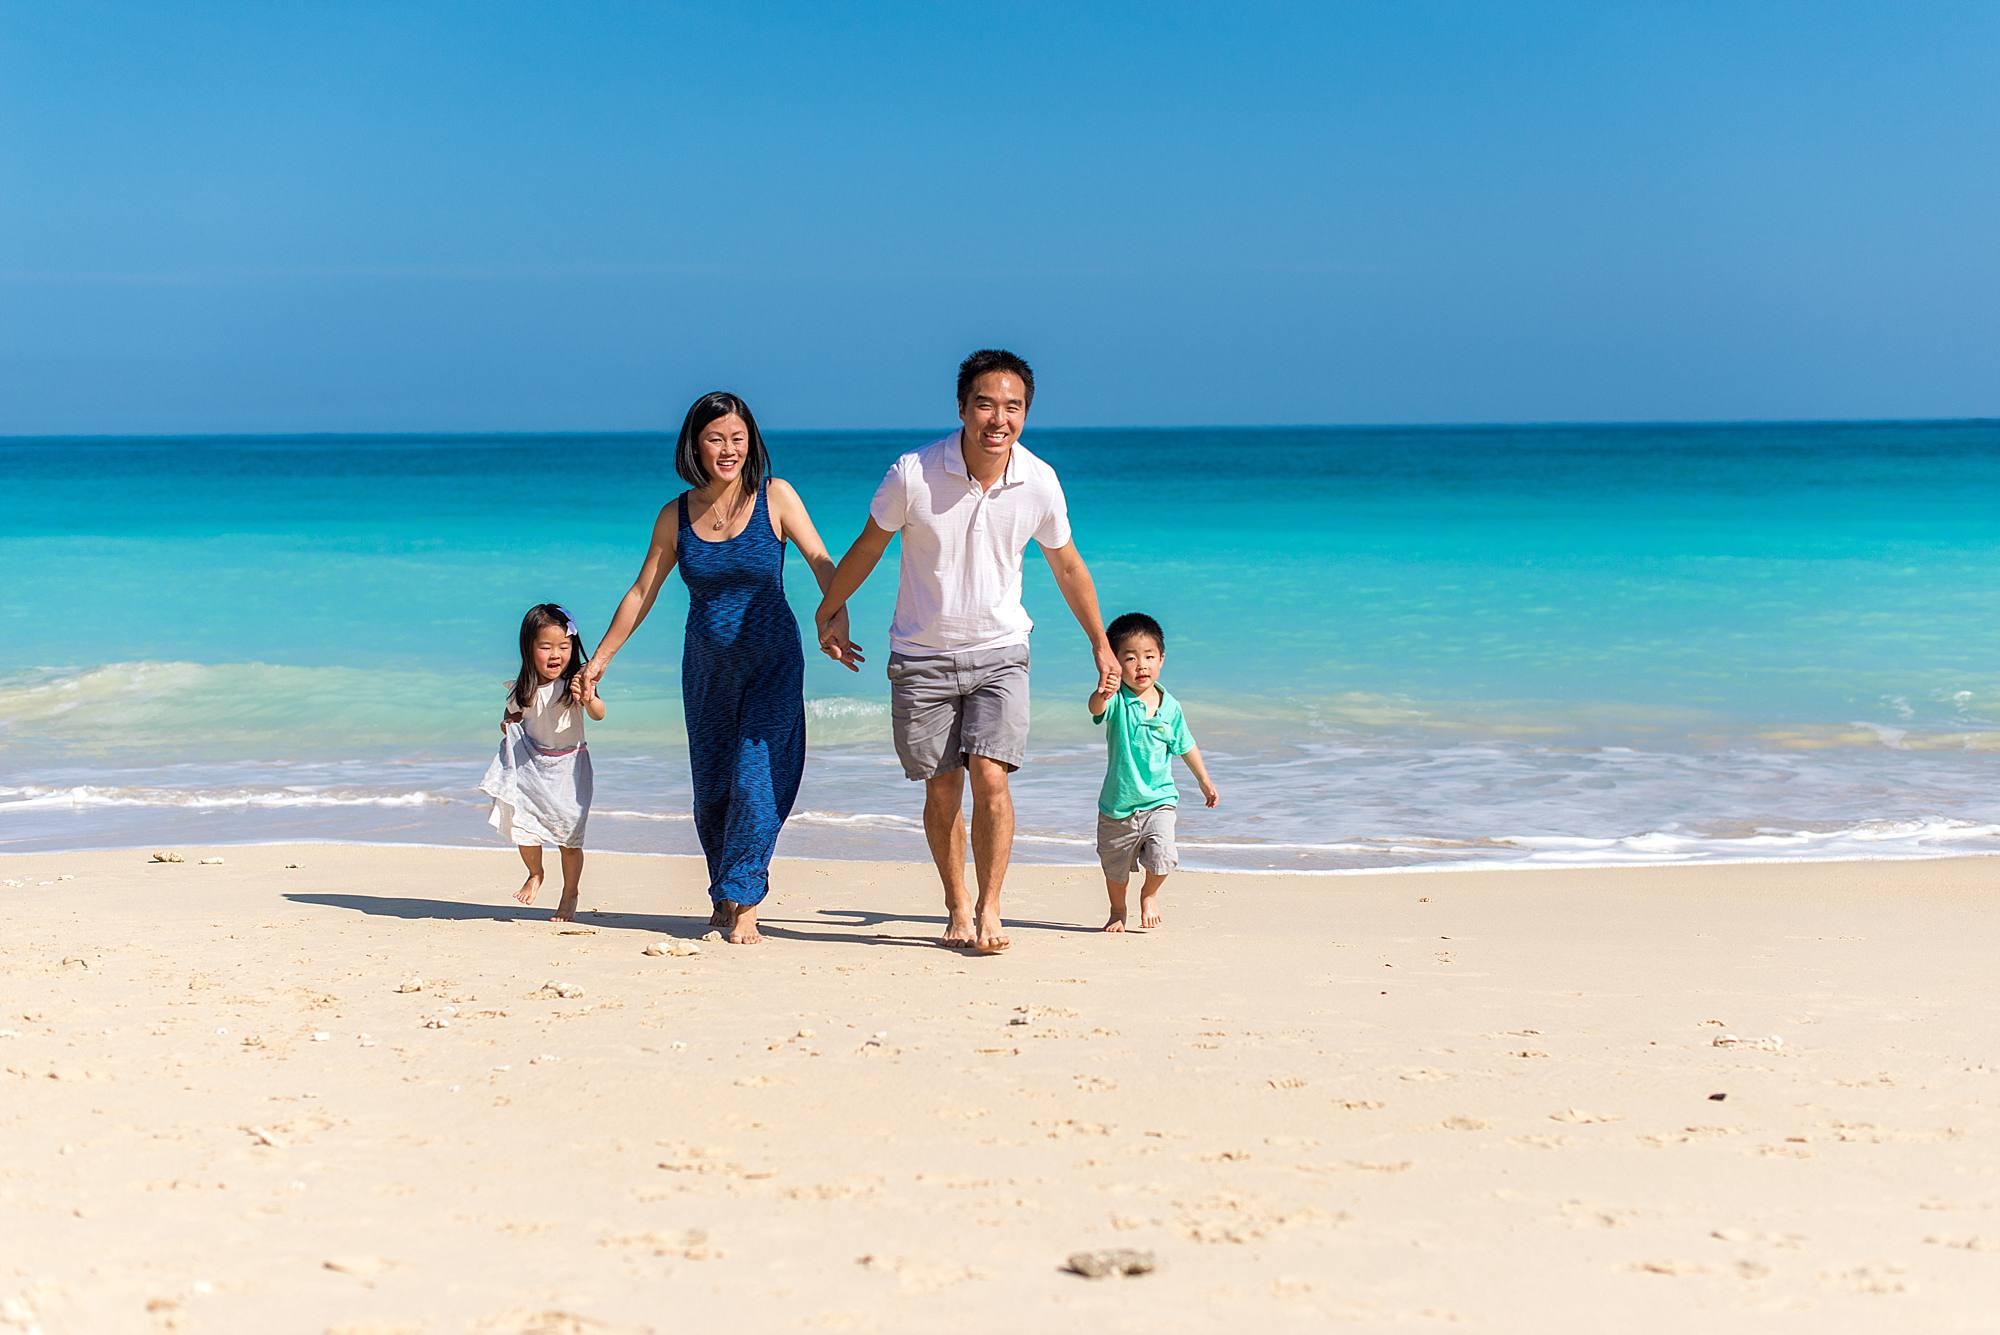 Maui beach photographer for families